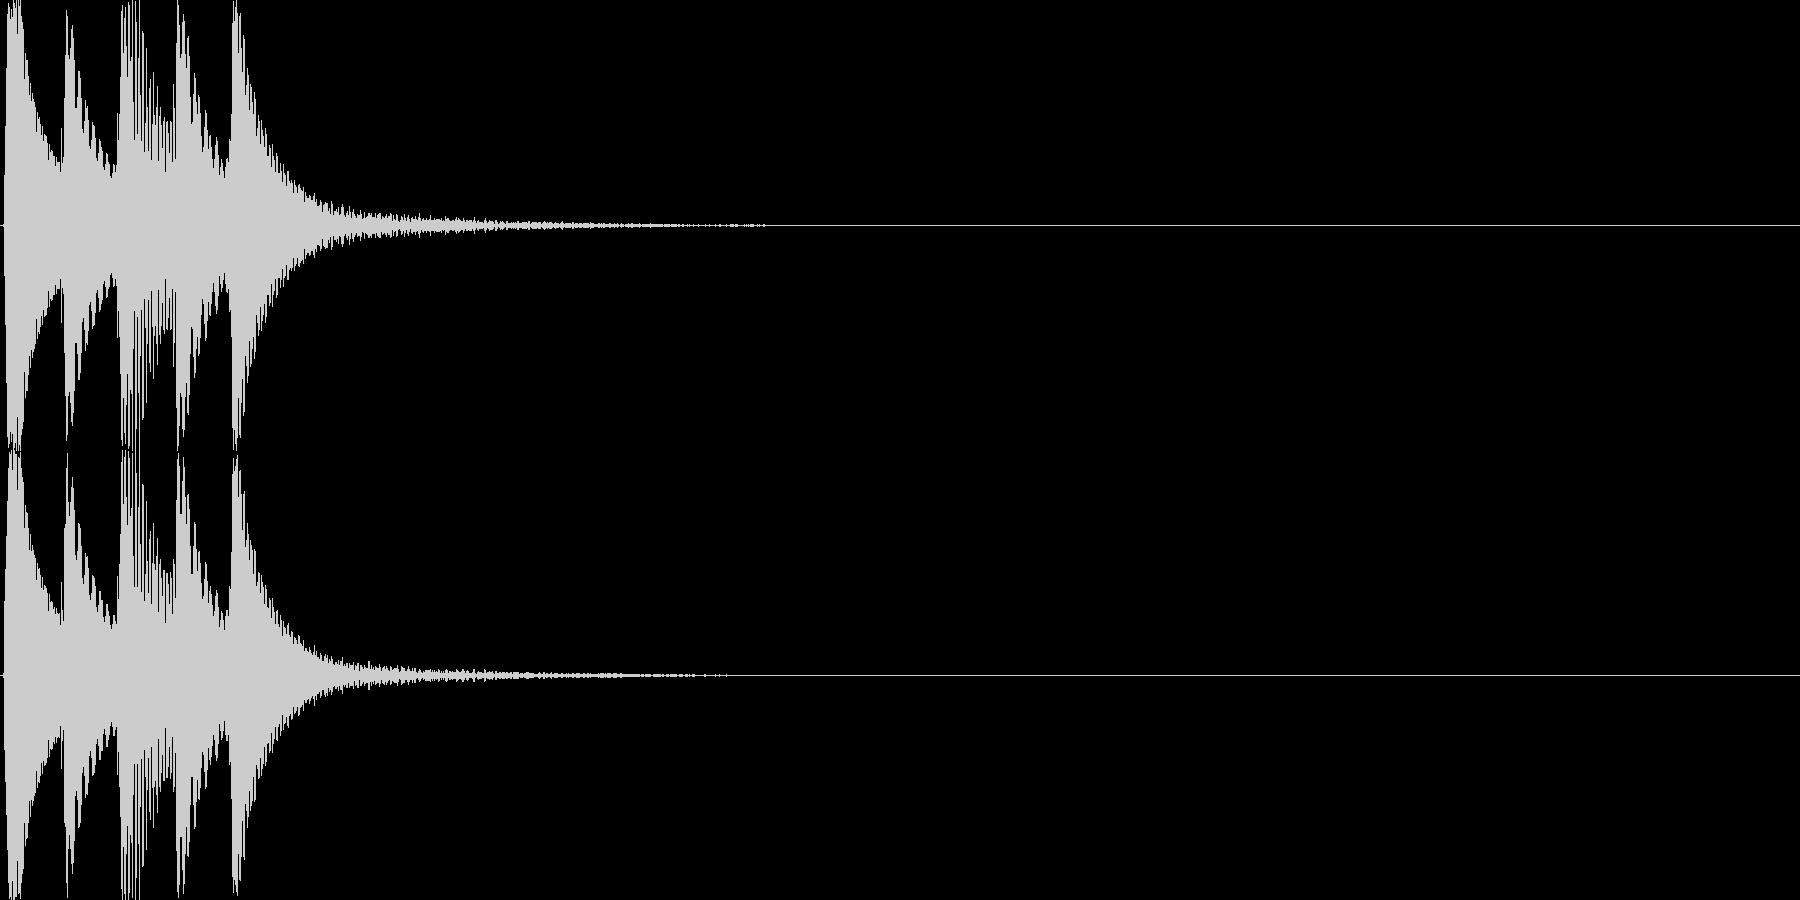 クリック(ゲーム、アプリ等の操作音03)の未再生の波形